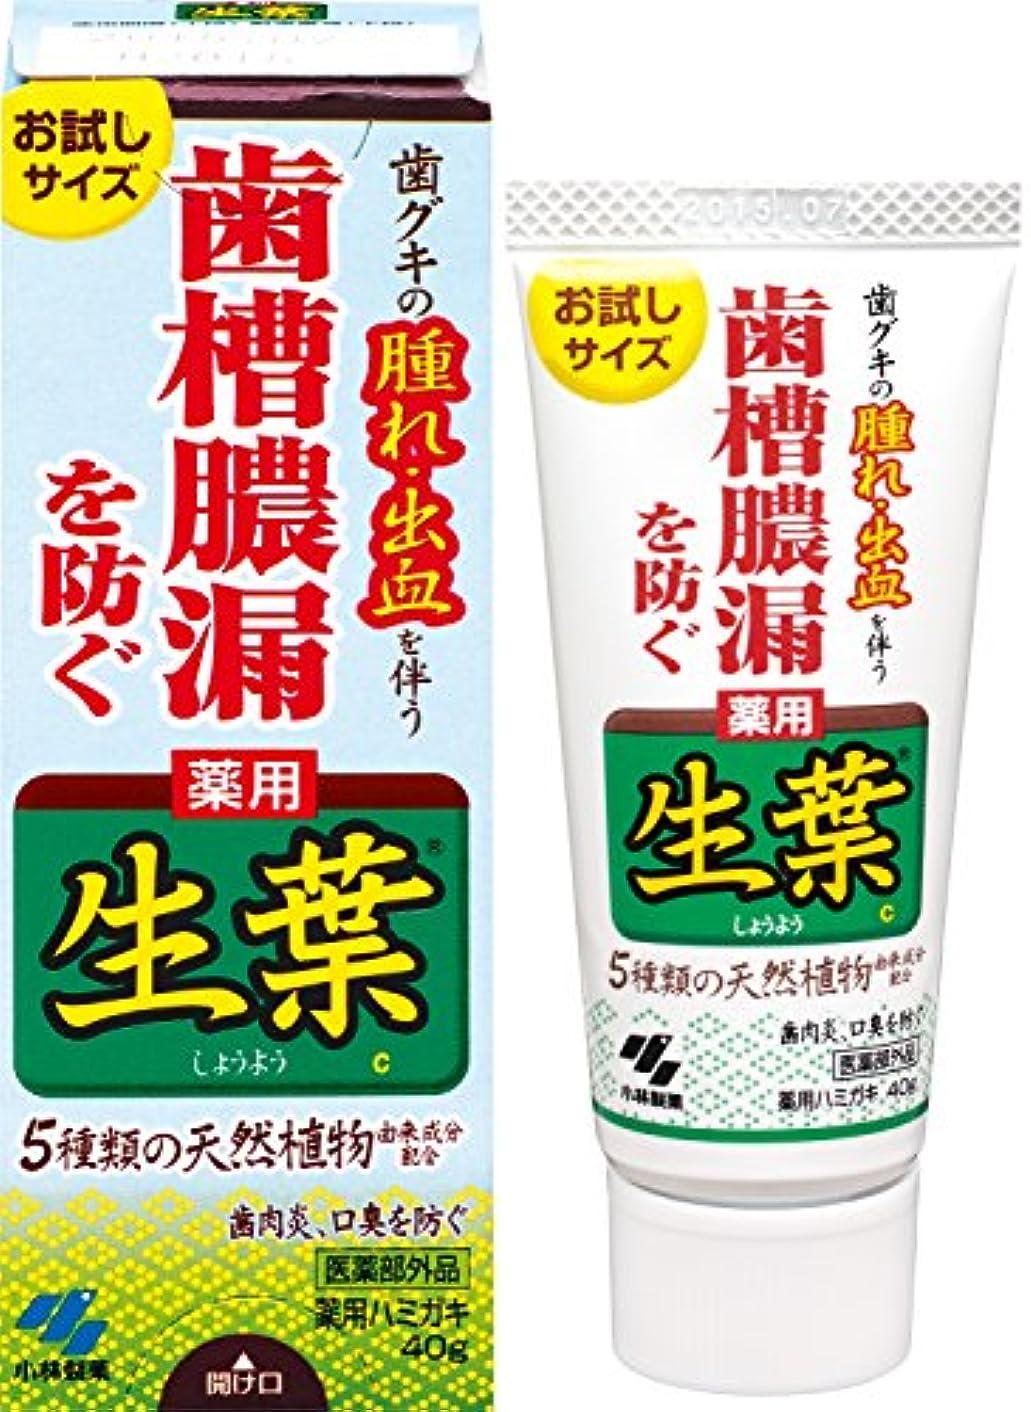 困難従う慢生葉(しょうよう)お試しサイズ 歯槽膿漏を防ぐ 薬用ハミガキ ハーブミント味 40g 【医薬部外品】